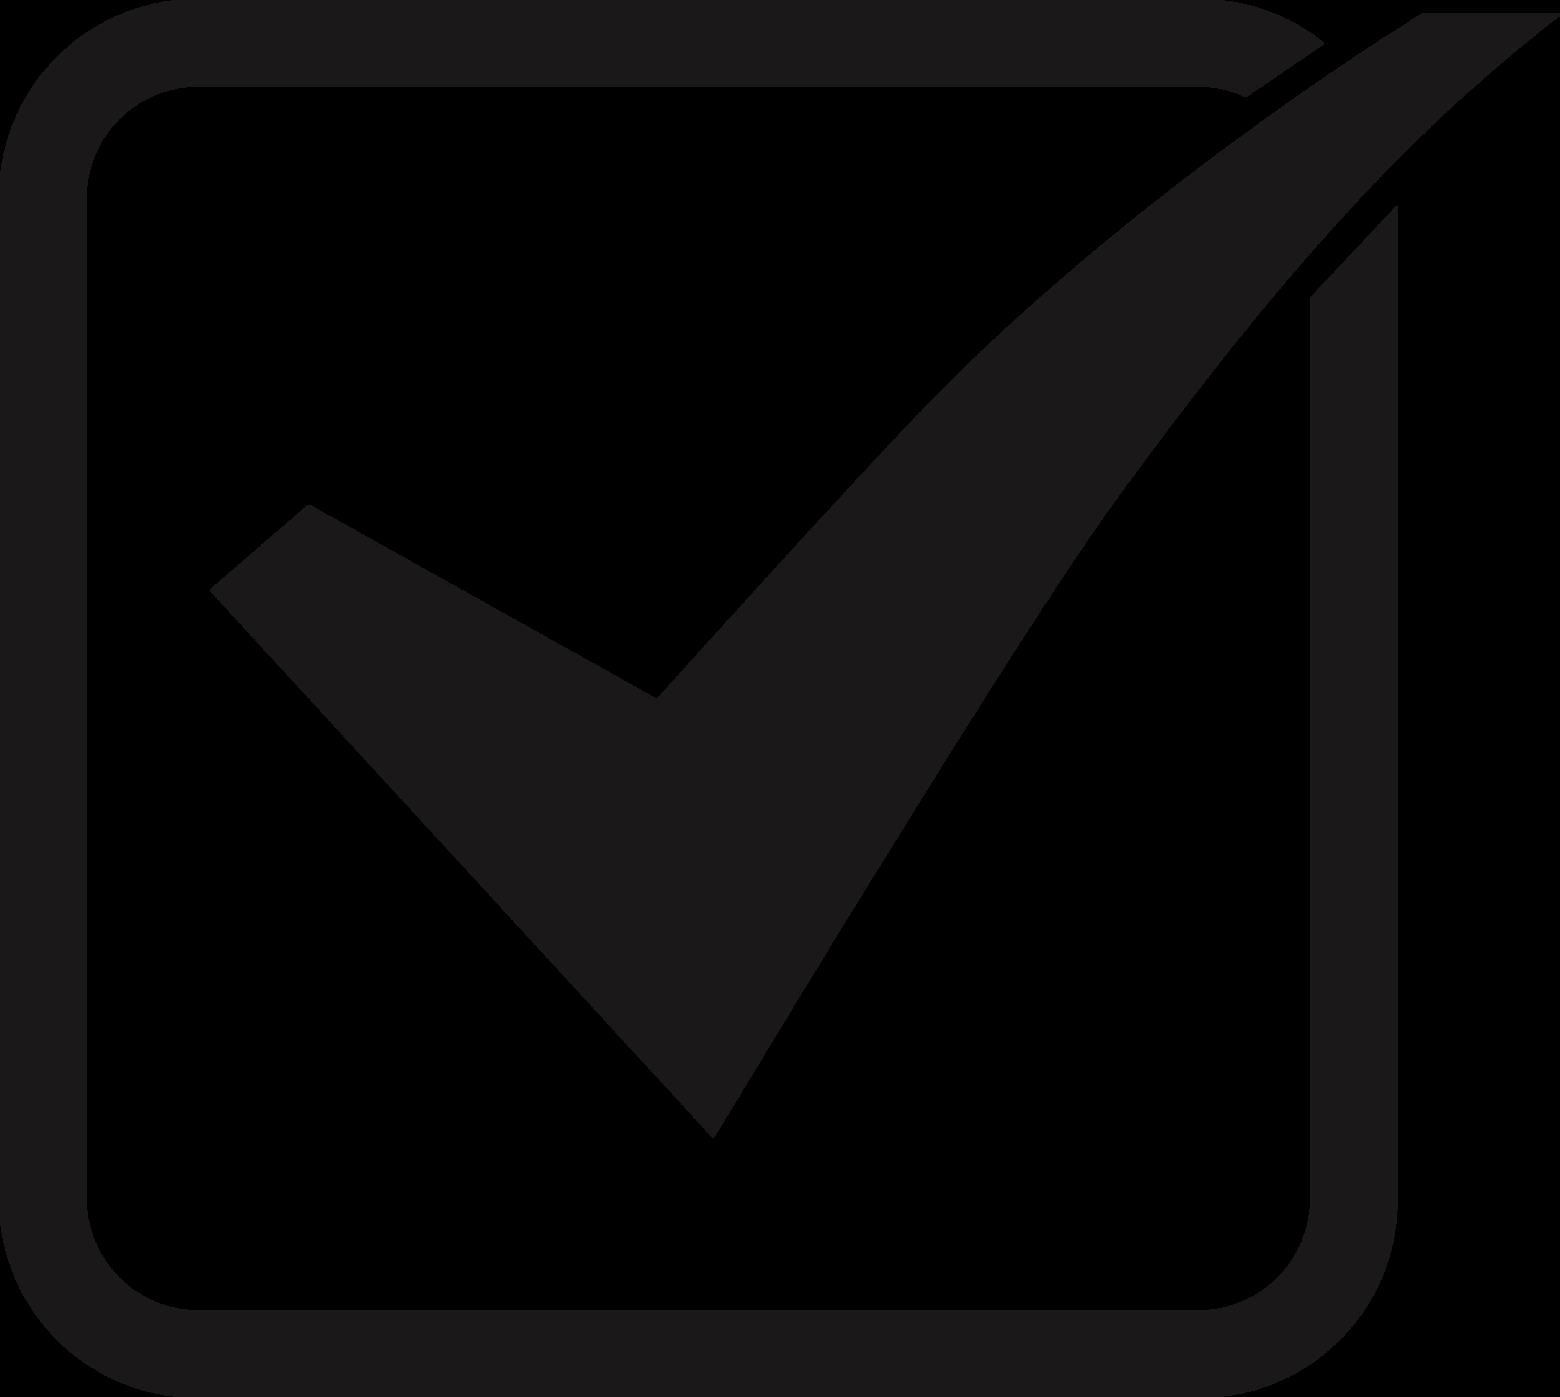 Checkbox Check mark Button Clip art.